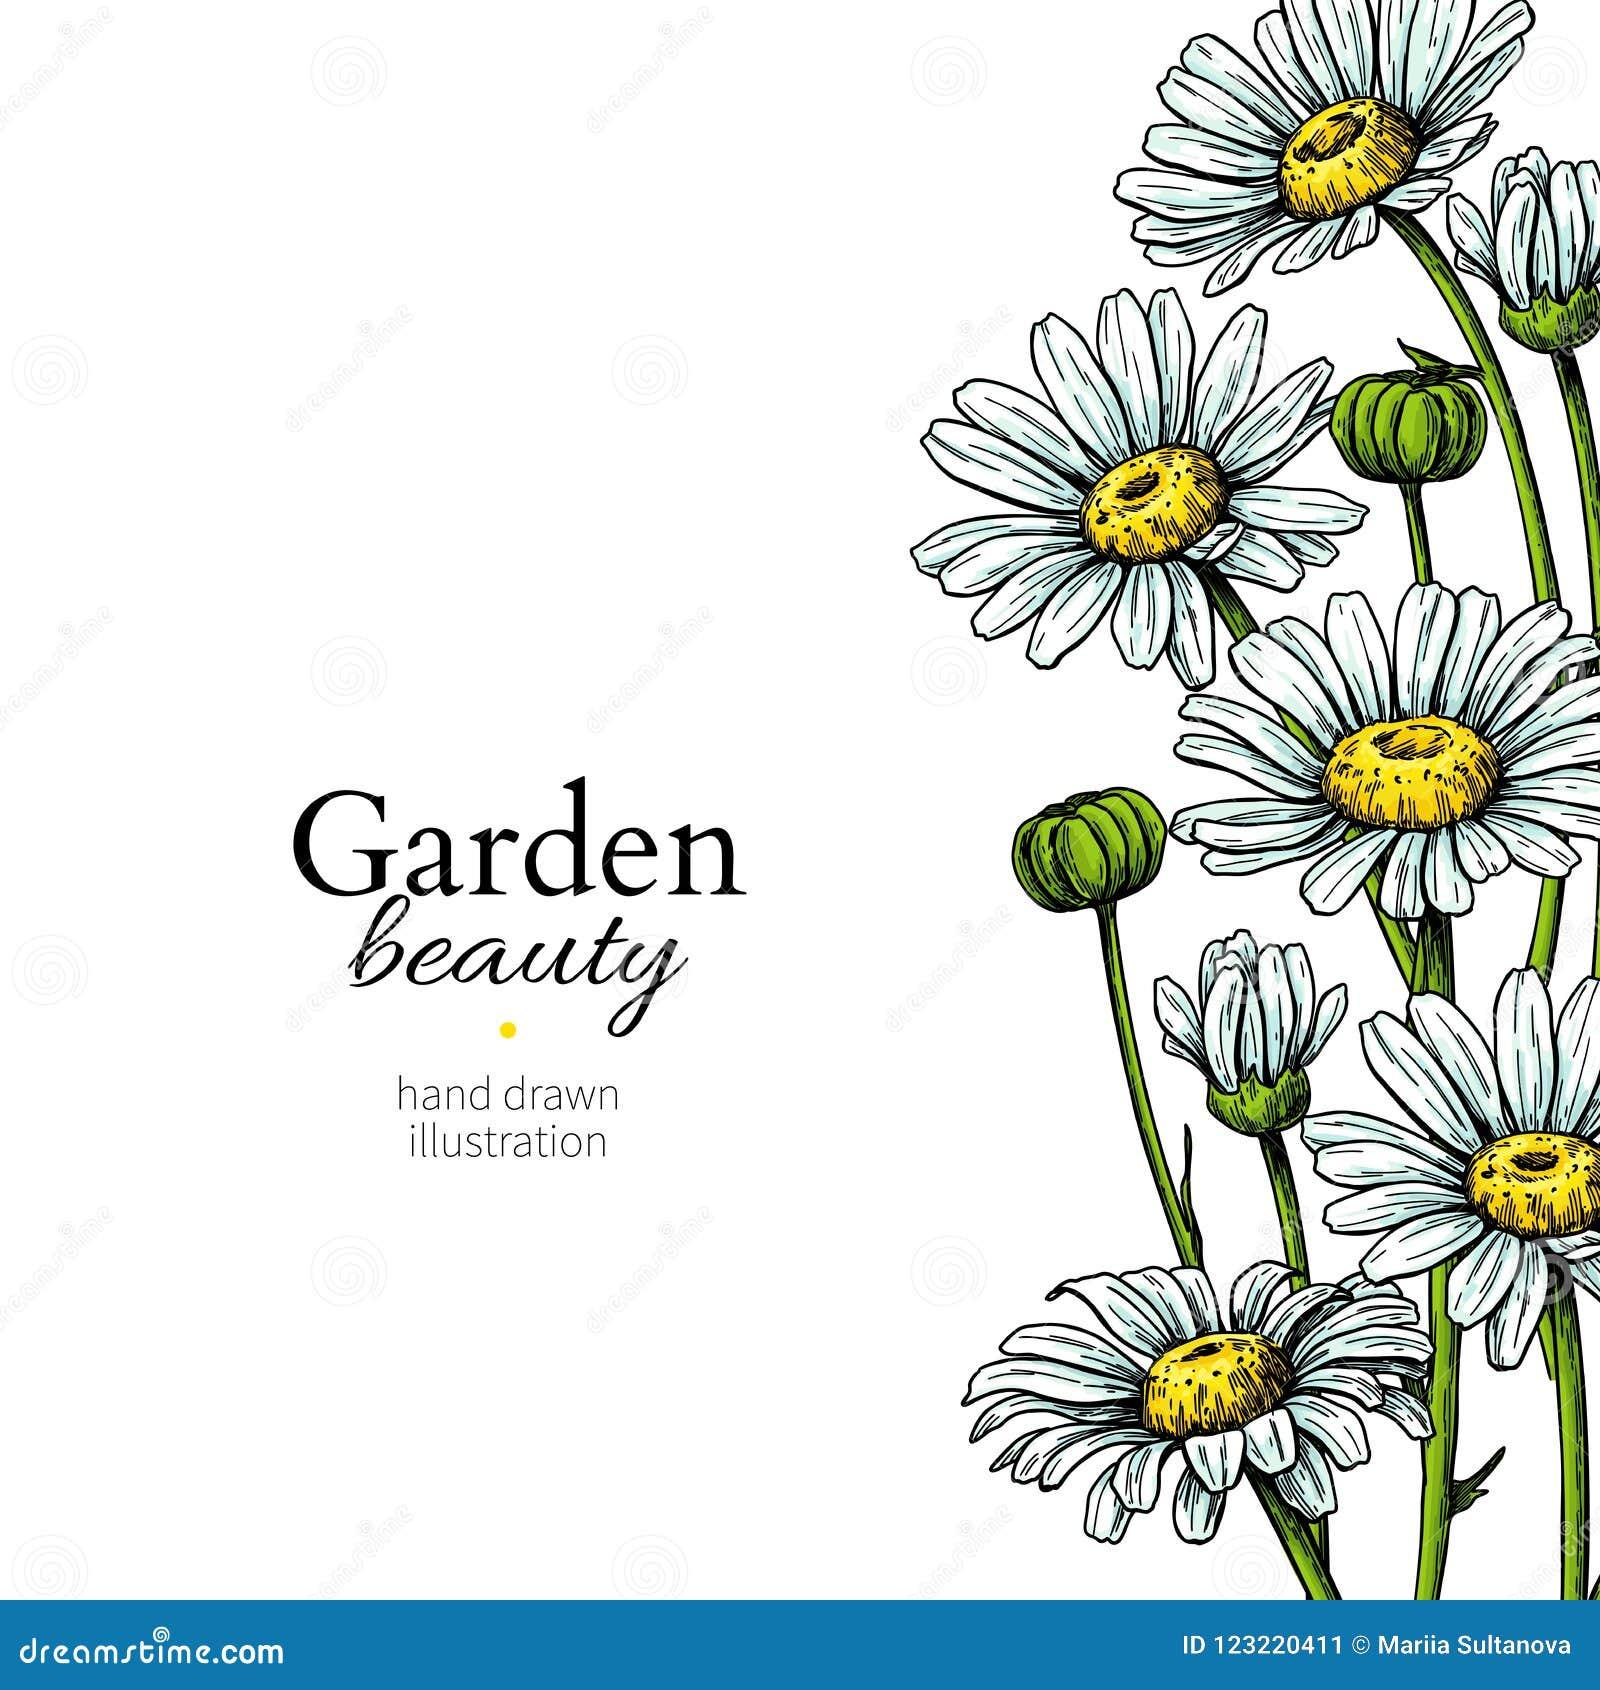 Desenho Da Beira Da Flor Da Margarida Quadro Floral Tirado Mao Do